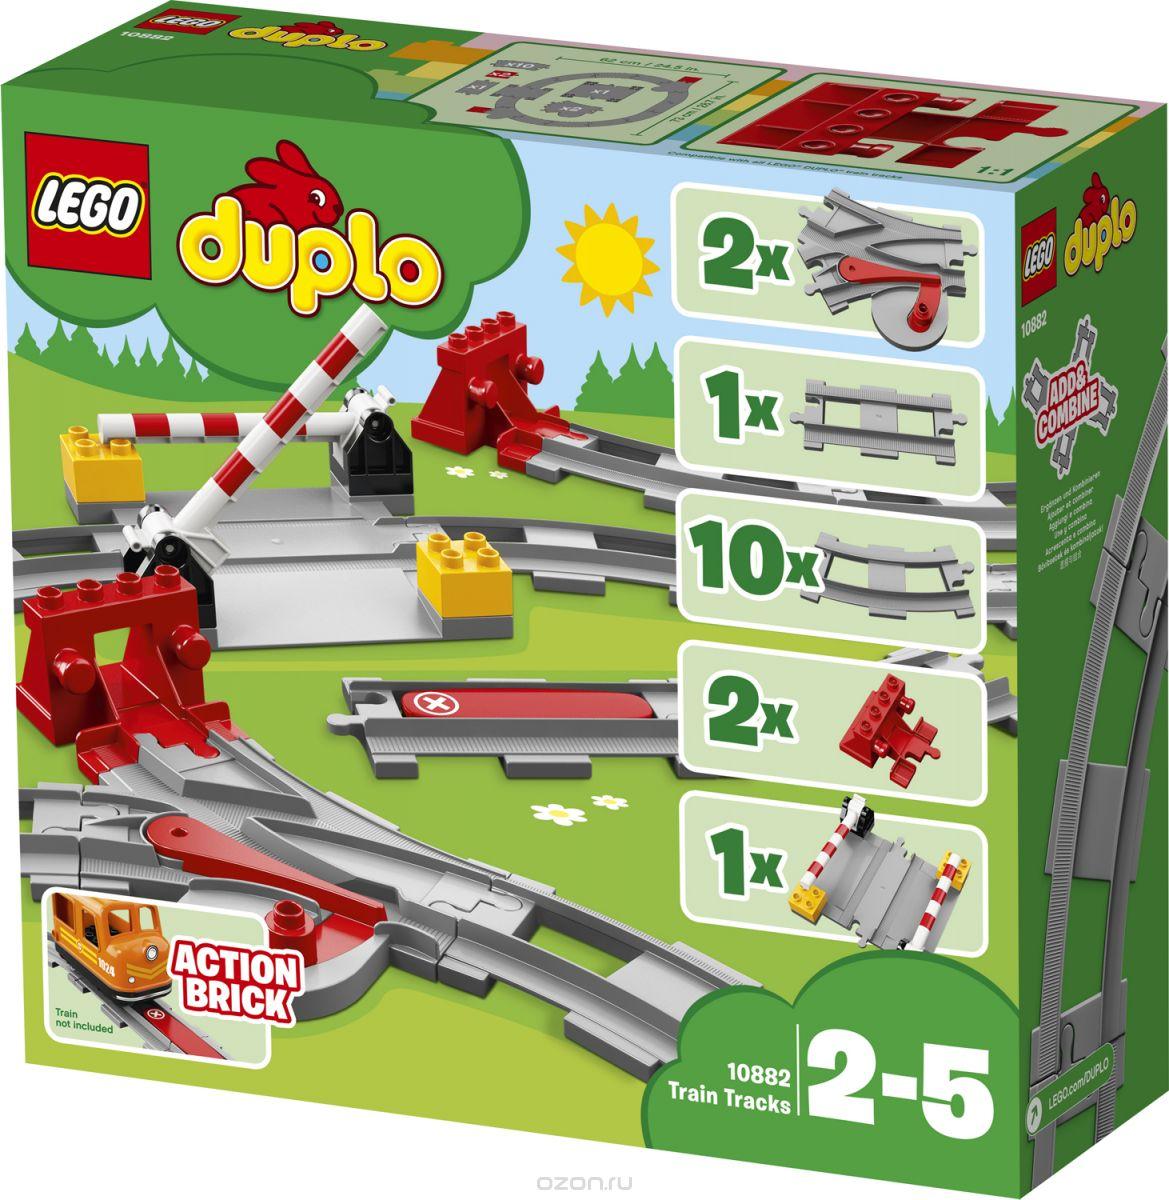 Пластиковый конструктор LEGO 10882